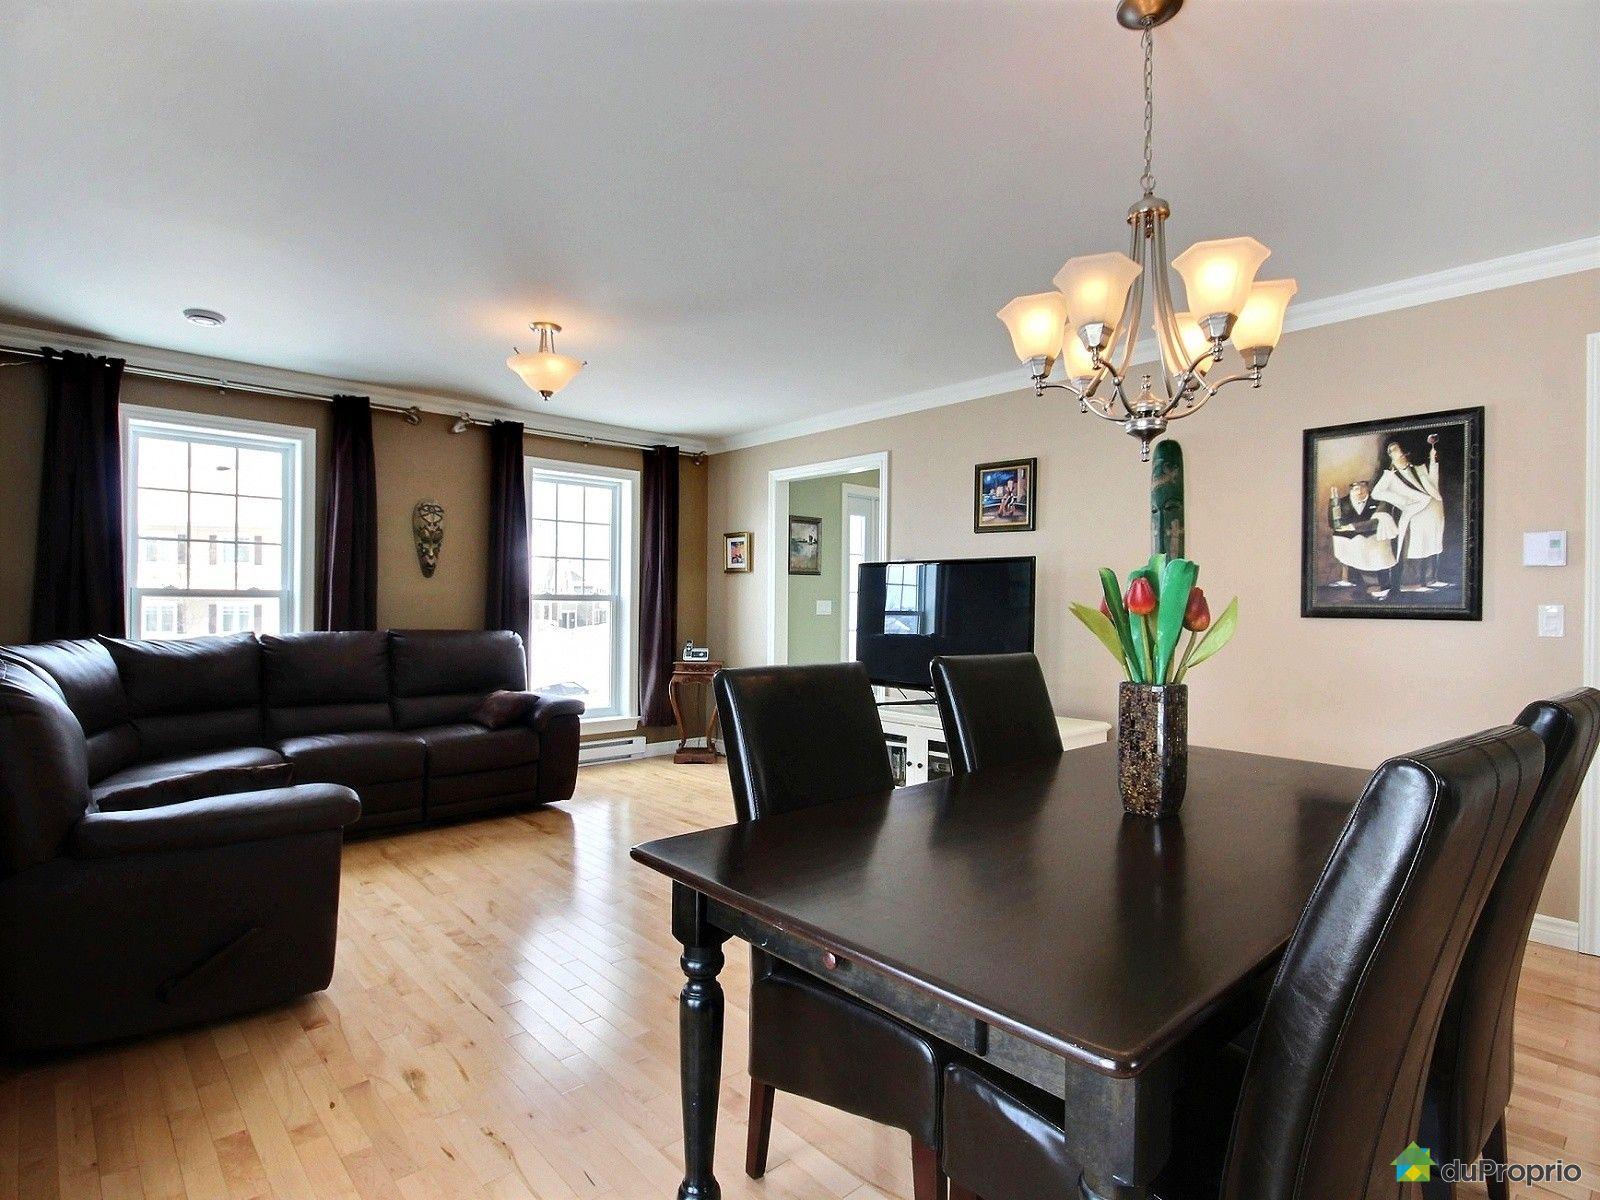 bungalow sur lev vendre rock forest 1680 rue magritte immobilier qu bec duproprio 574421. Black Bedroom Furniture Sets. Home Design Ideas